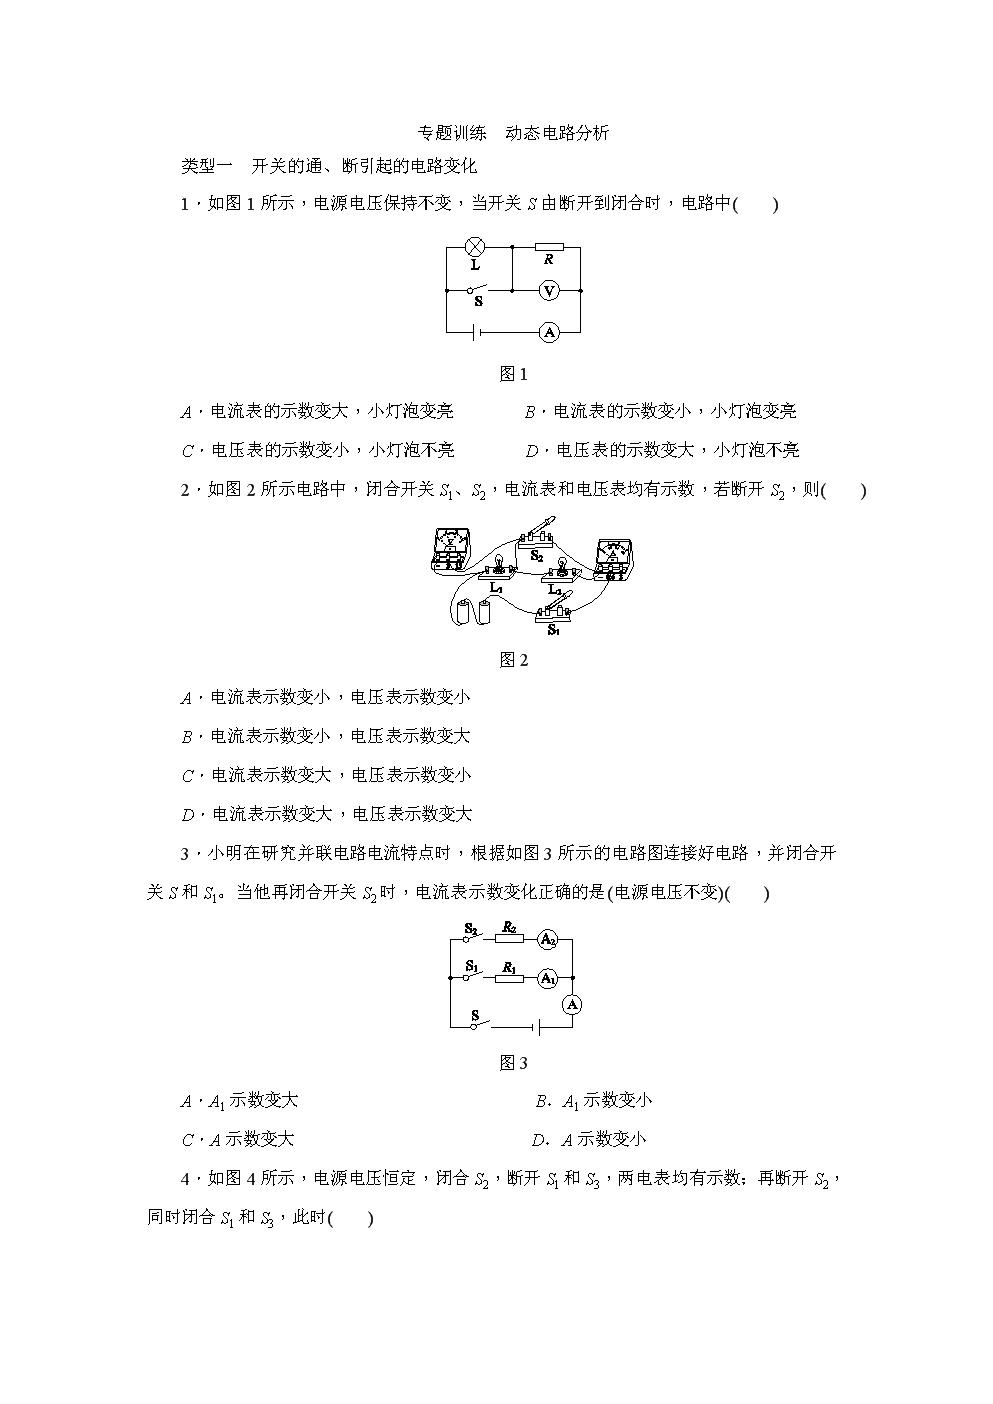 人教版九年级物理全册专题训练 动态电路分析.docx